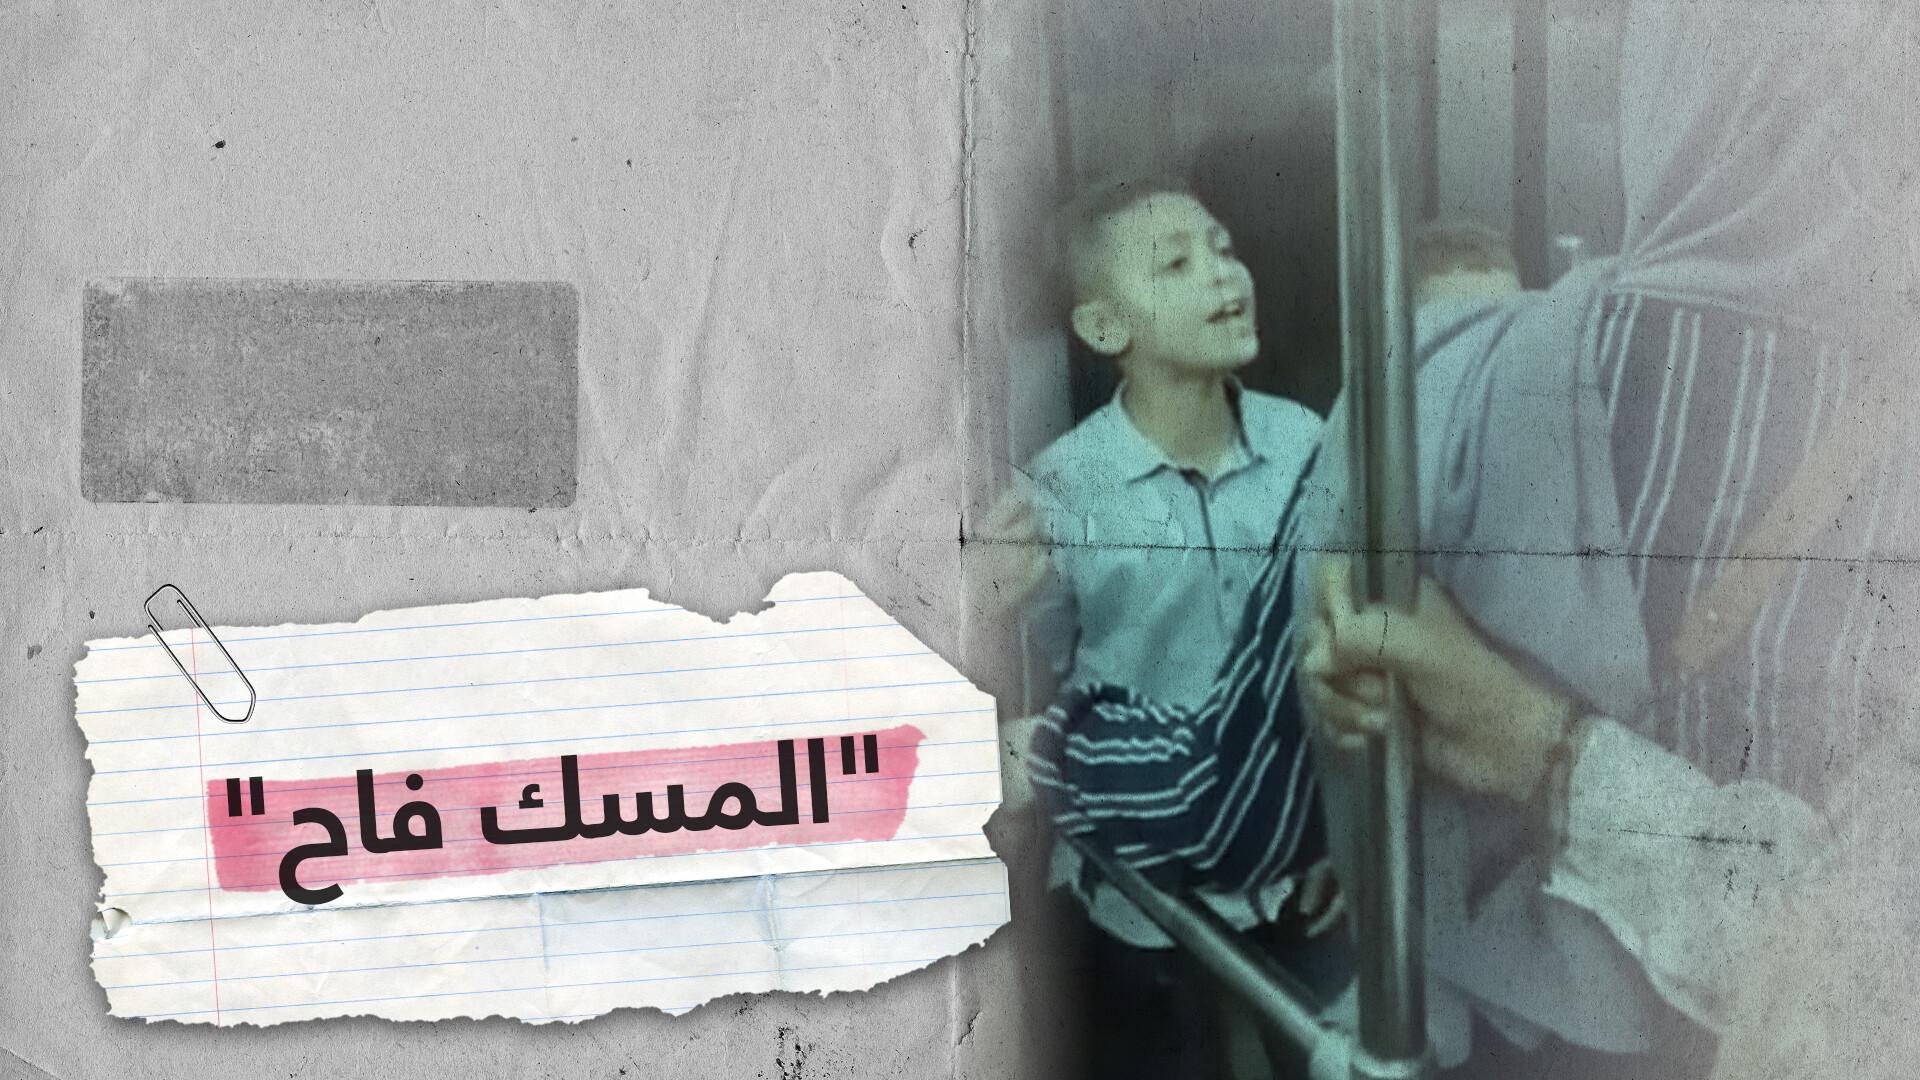 متداول.. طفلان ينشدان بطريقة رائعة داخل مترو الأنفاق في مصر